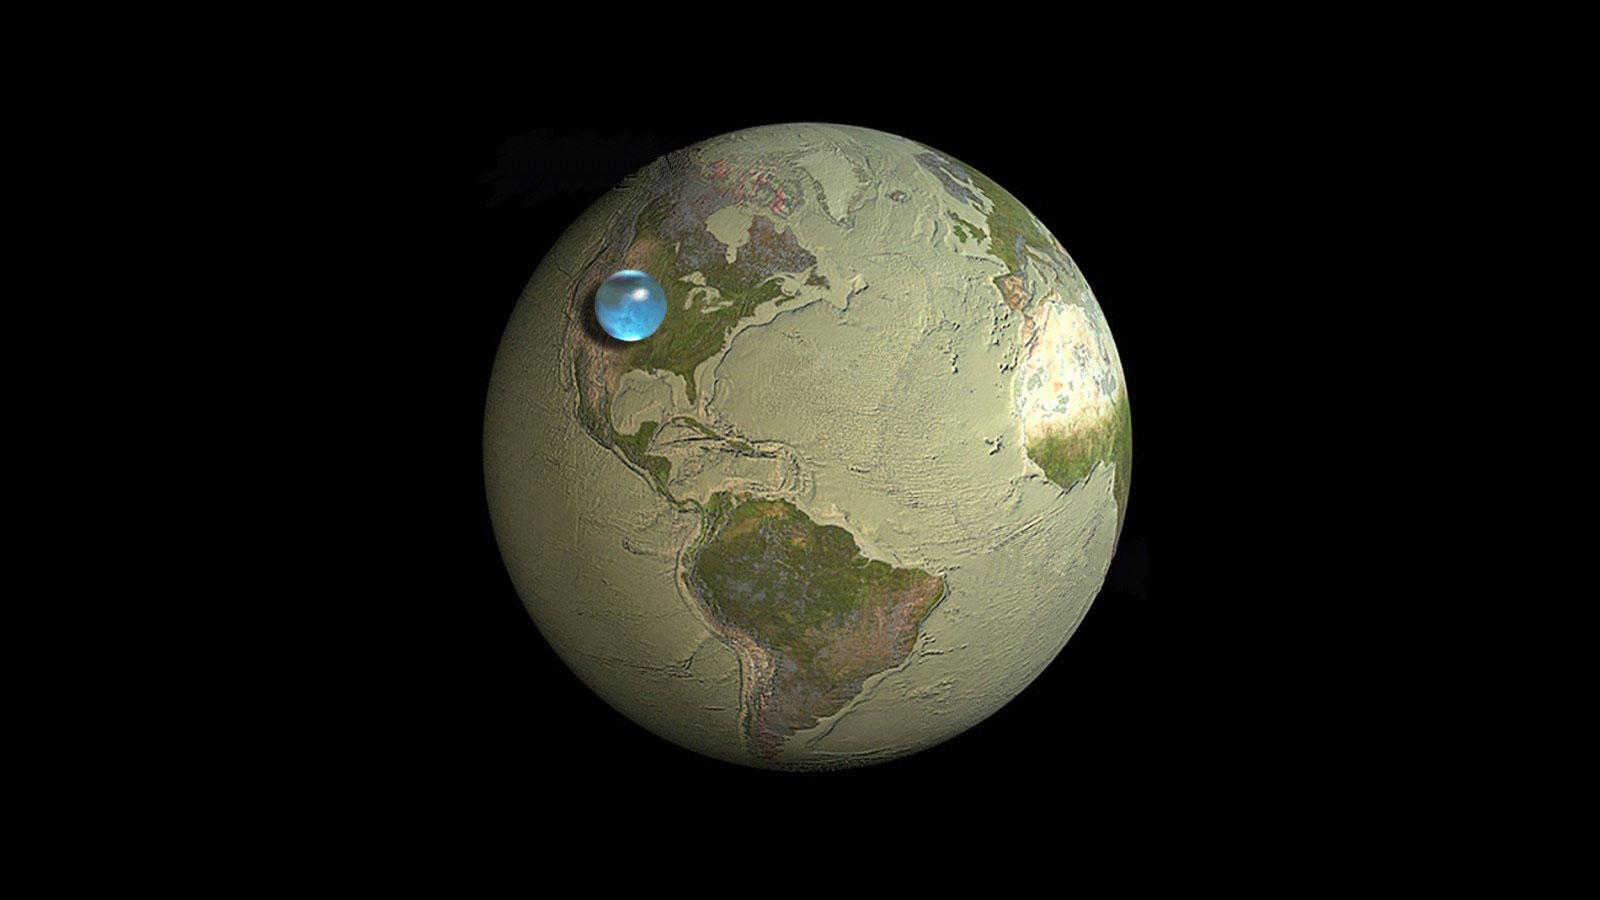 сколько процентов занимают воды суши